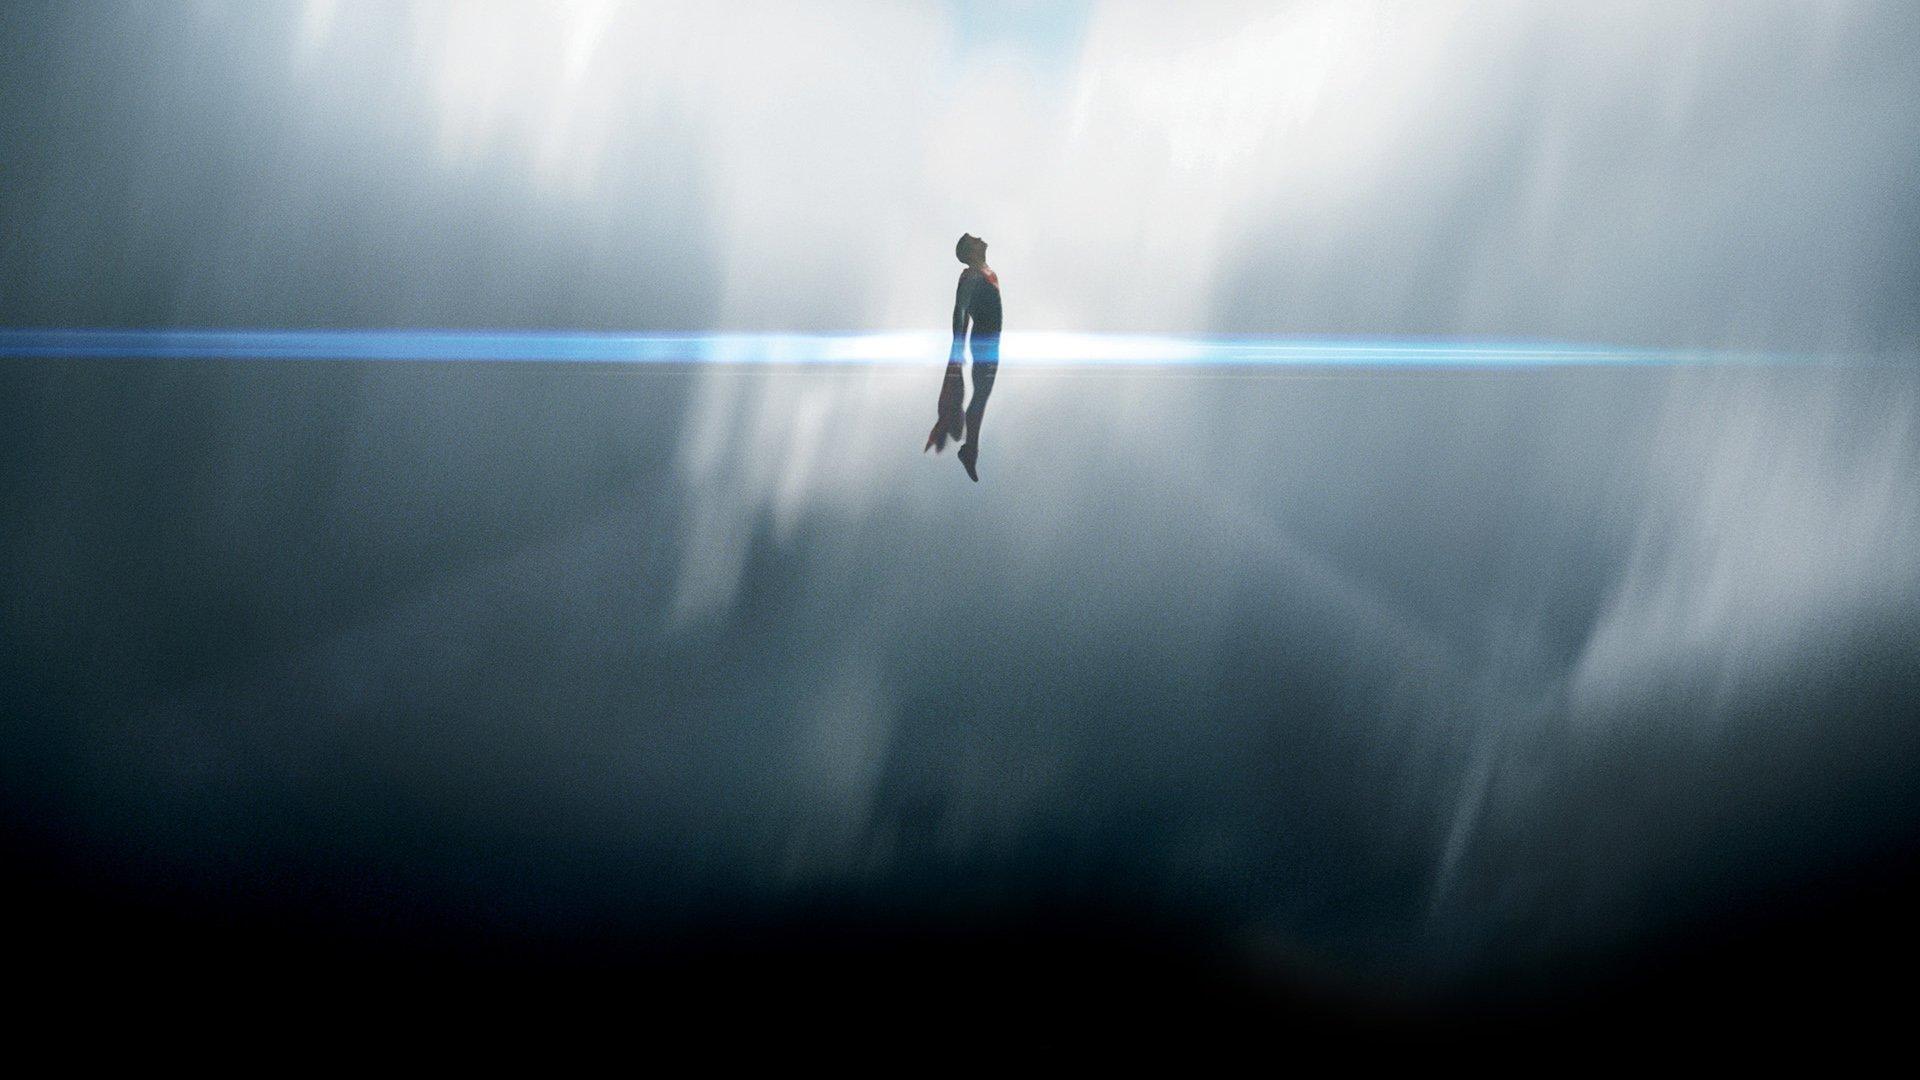 动漫 超人 钢铁之躯在线观看超清